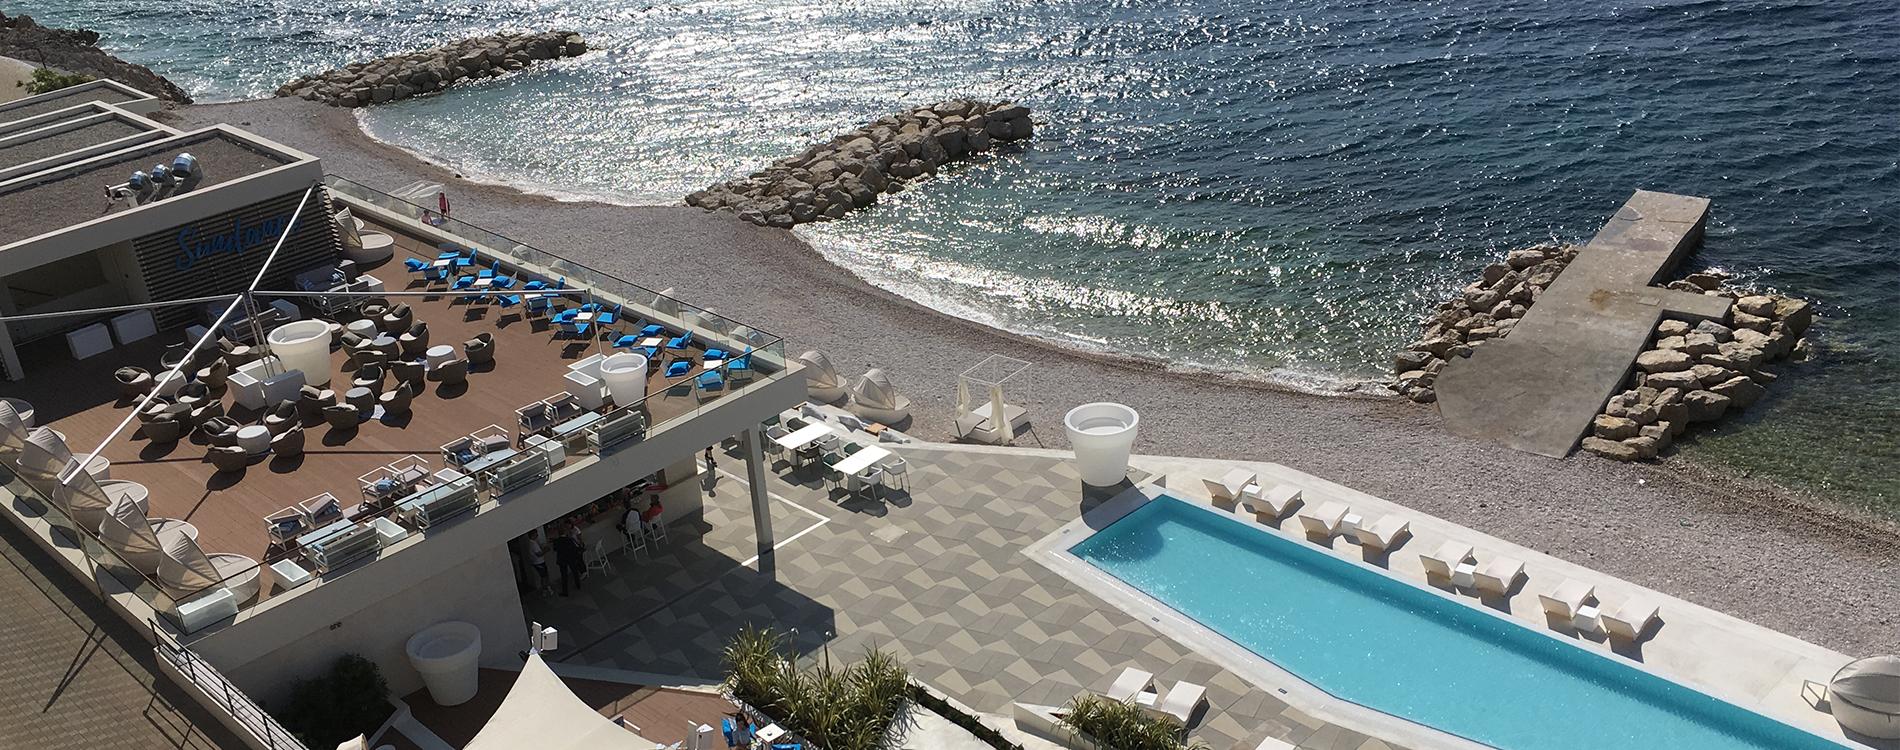 Die größte diesjährige Investition des kroatischen Tourismus das TUI Family Life Bellevue Resort 4* und Valamar Girandella Resort 4*/5* www.gindeslebens.com